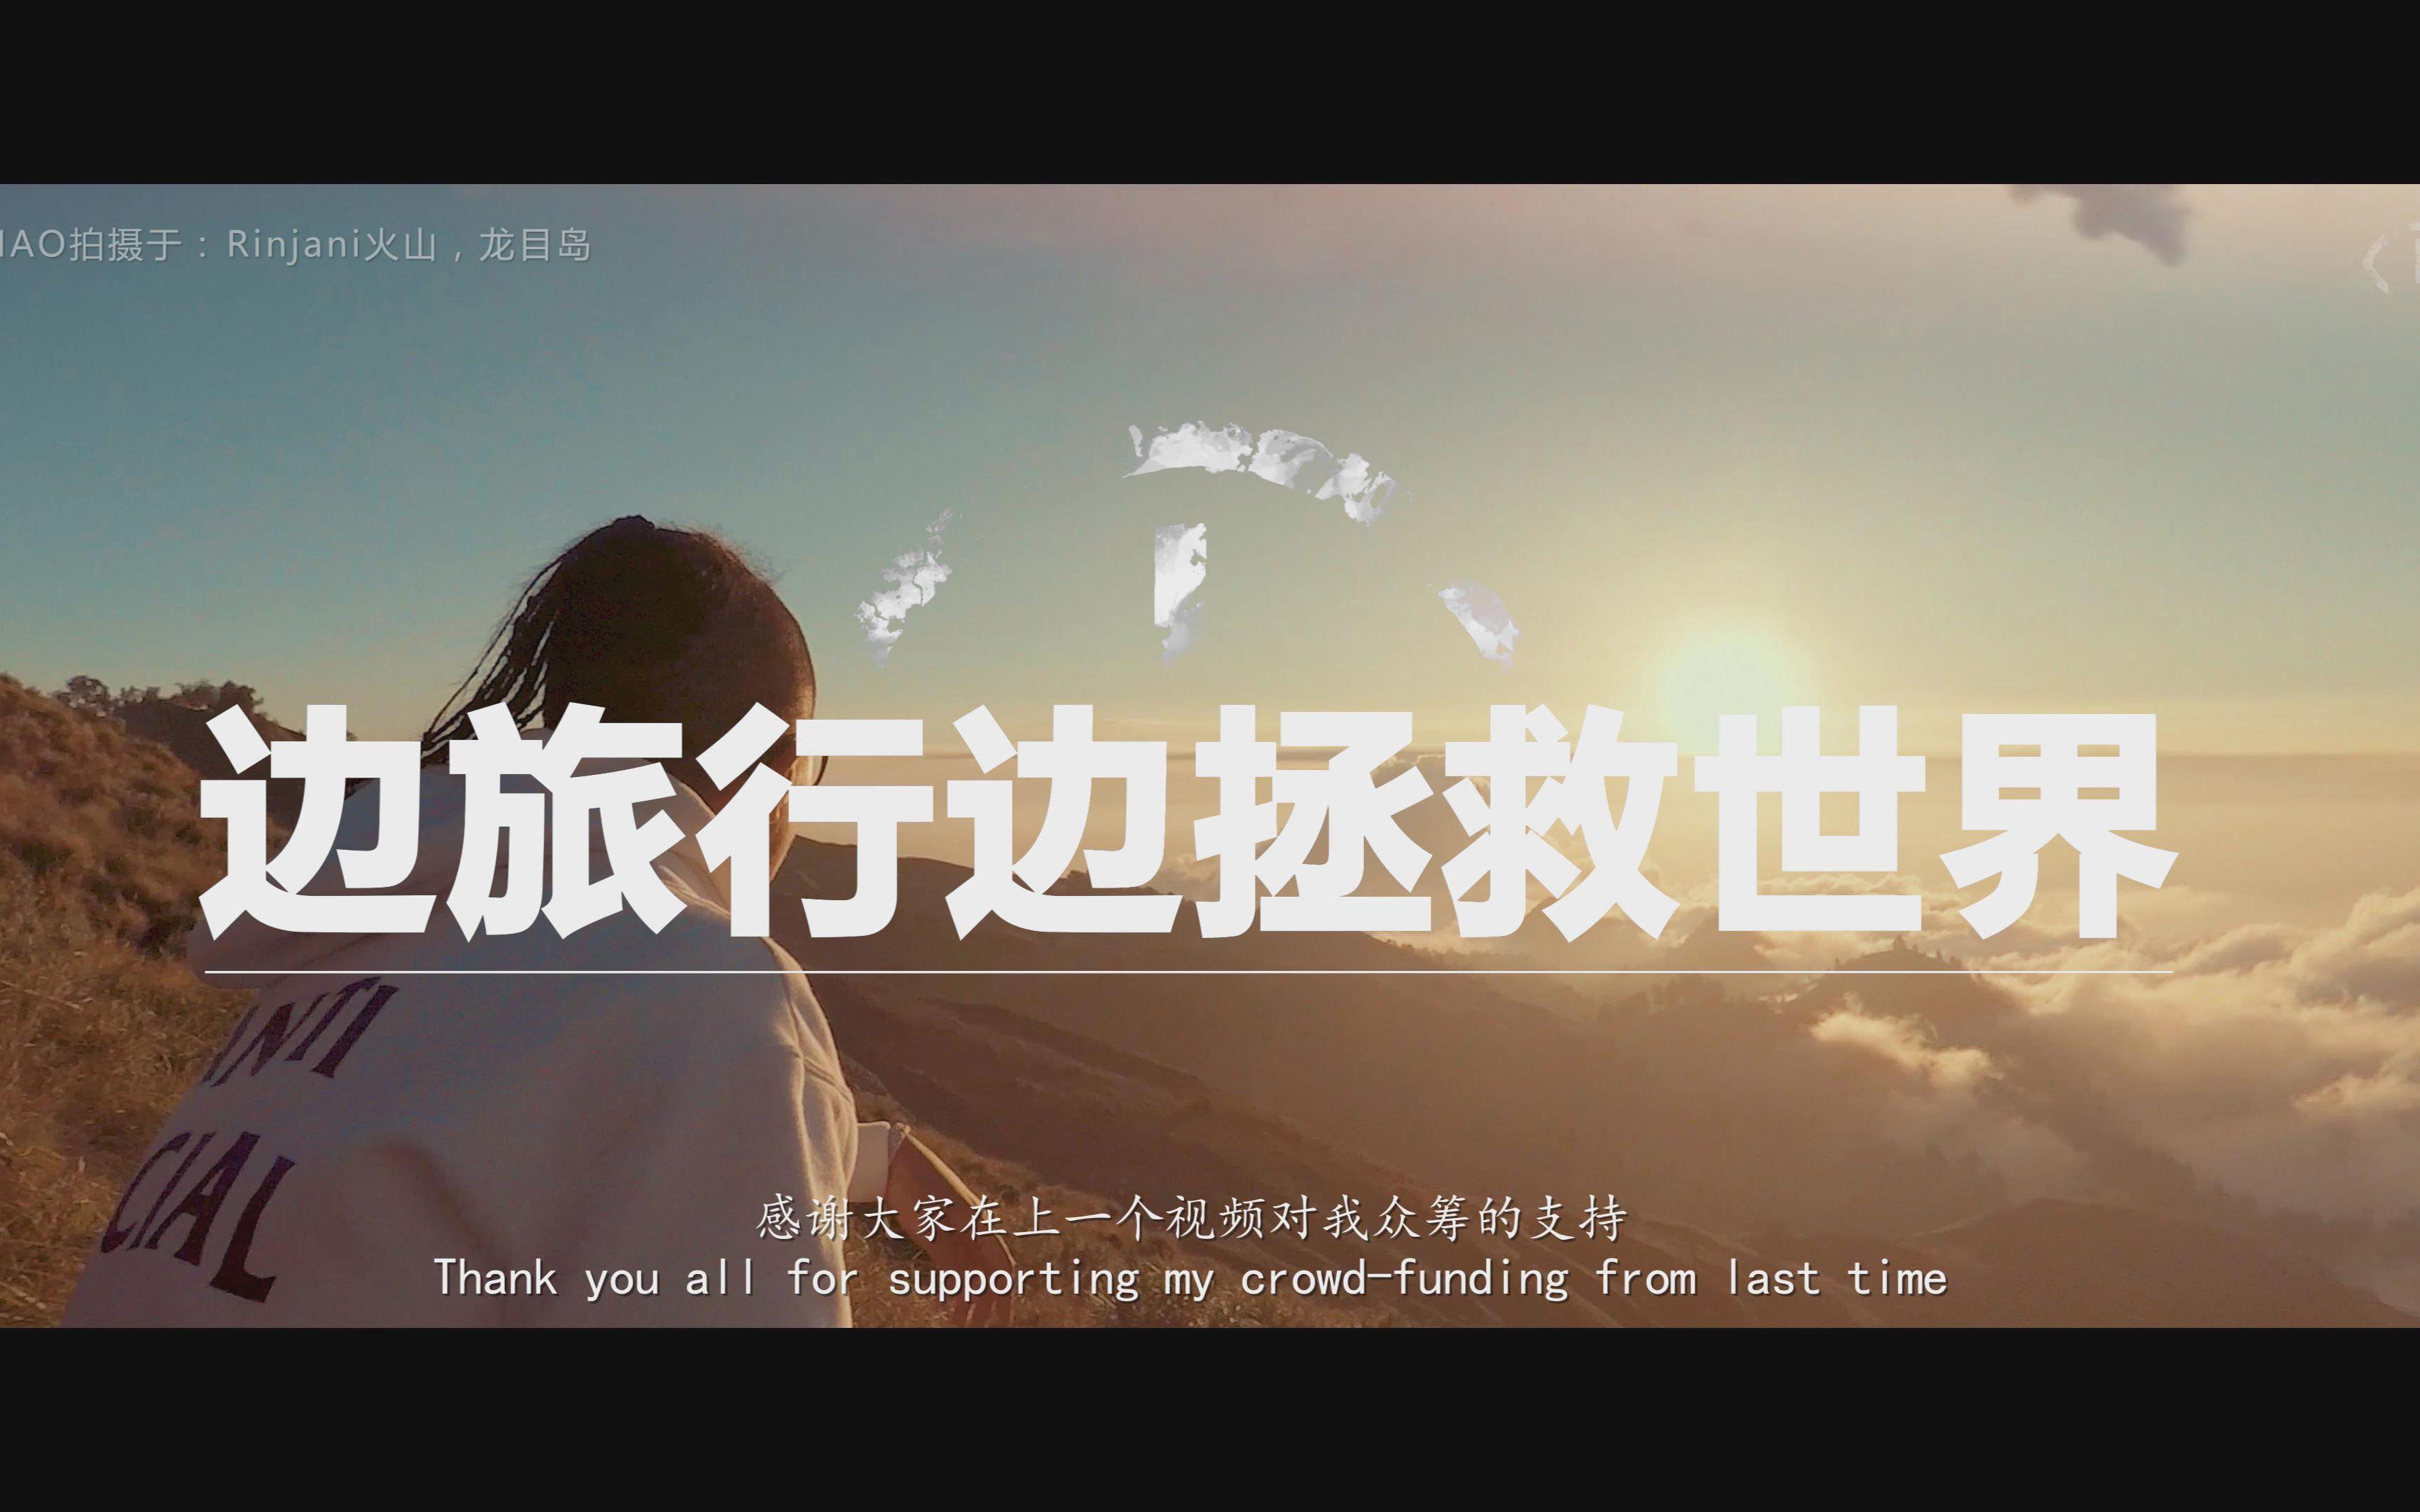 上海小伙120天1.5万公里拍出全民旅行圣经 戳穿18个黑暗真相  《边旅行边拯救世界》